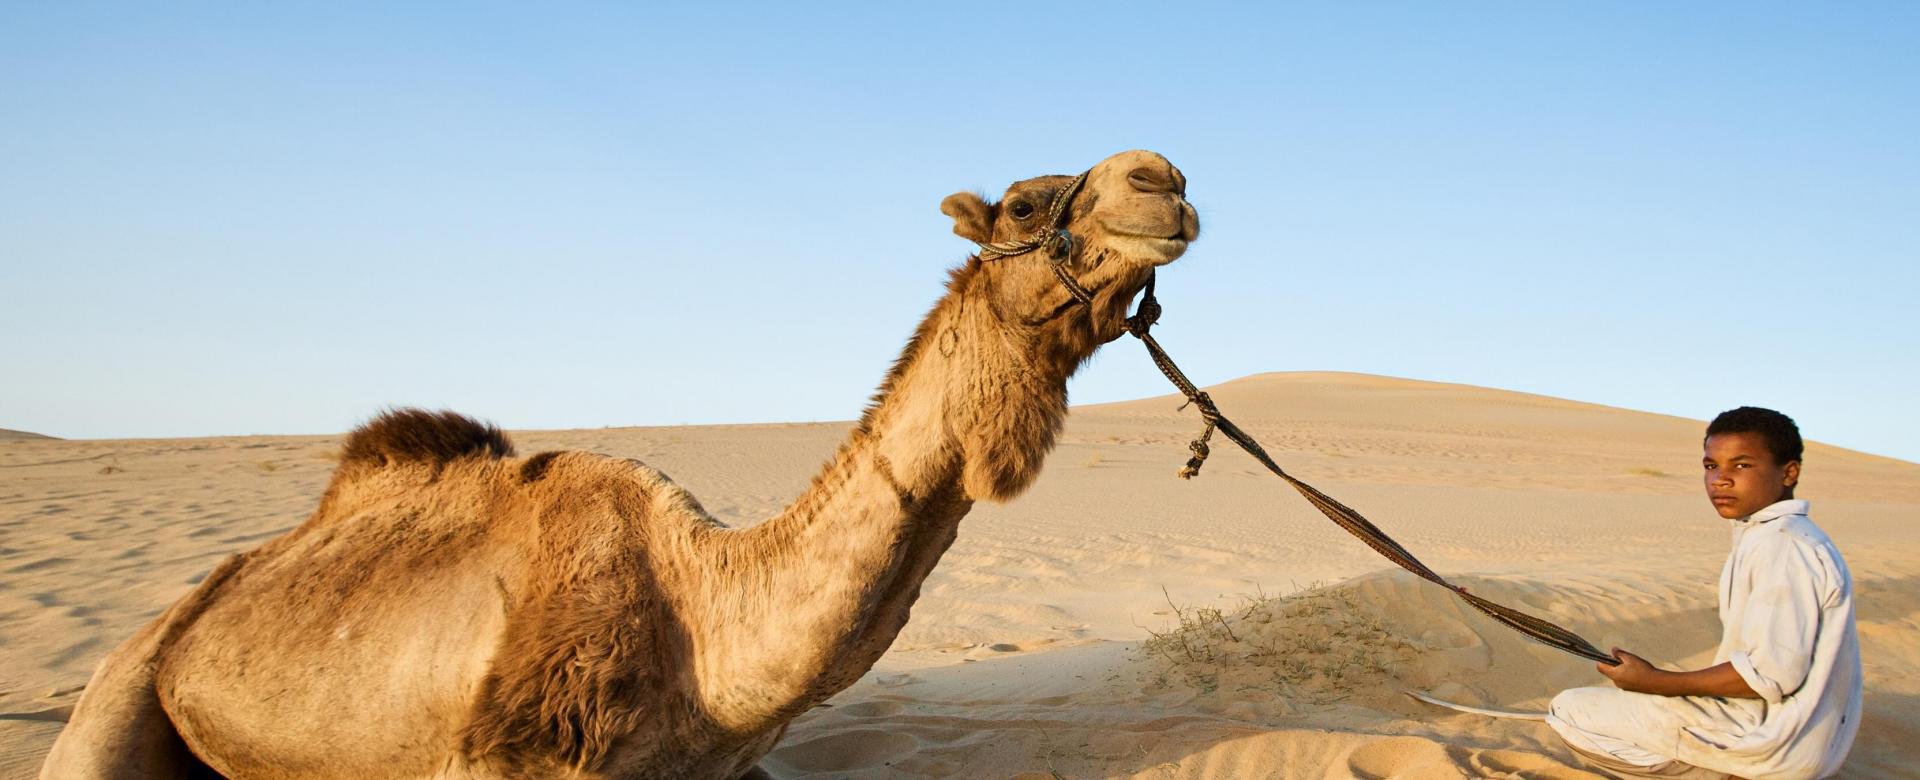 Voyage avec des animaux Maroc : Les petits caravaniers